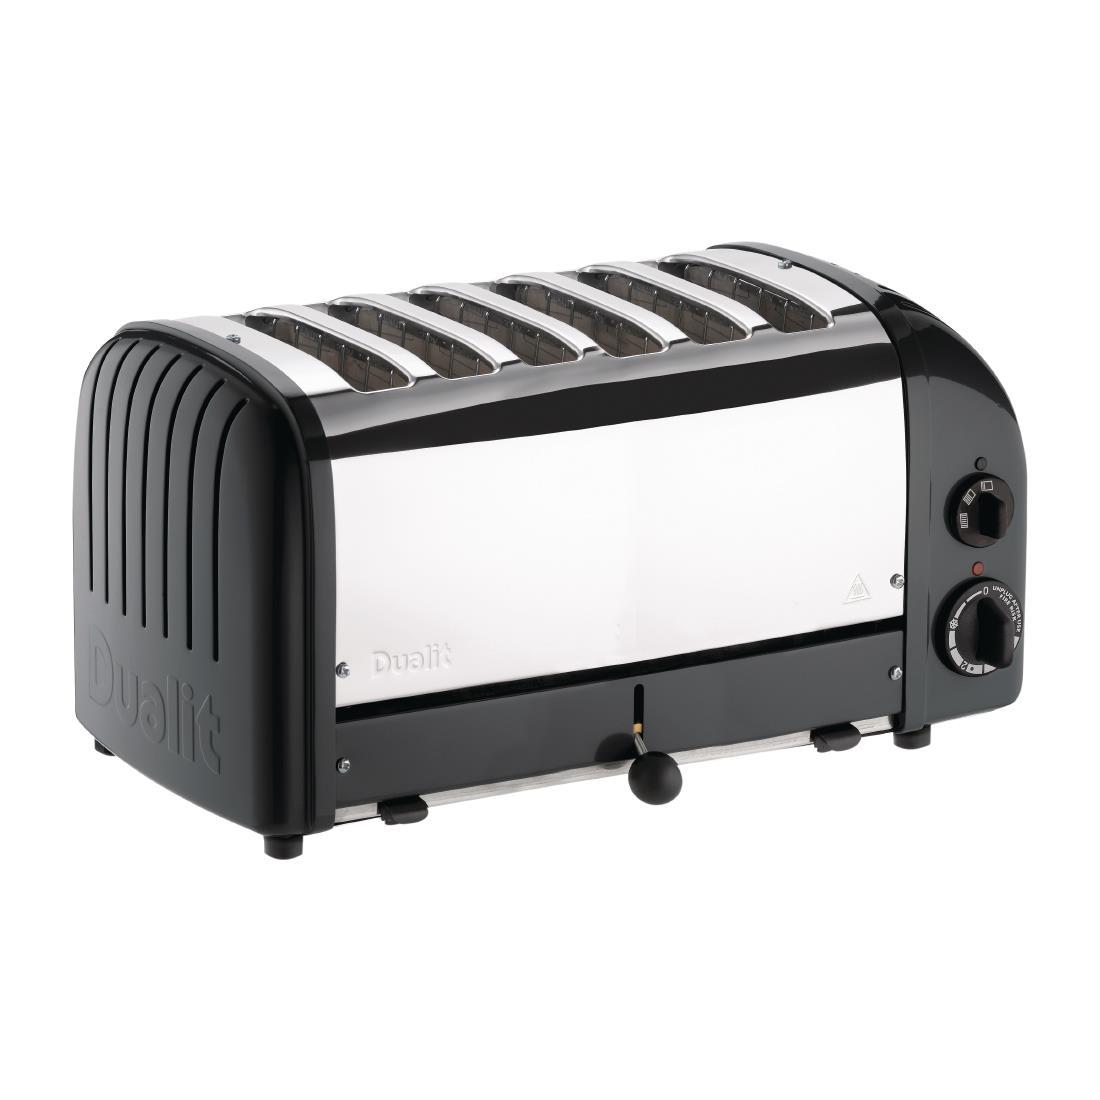 Grille-pain 6 fentes Dualit noir 60145